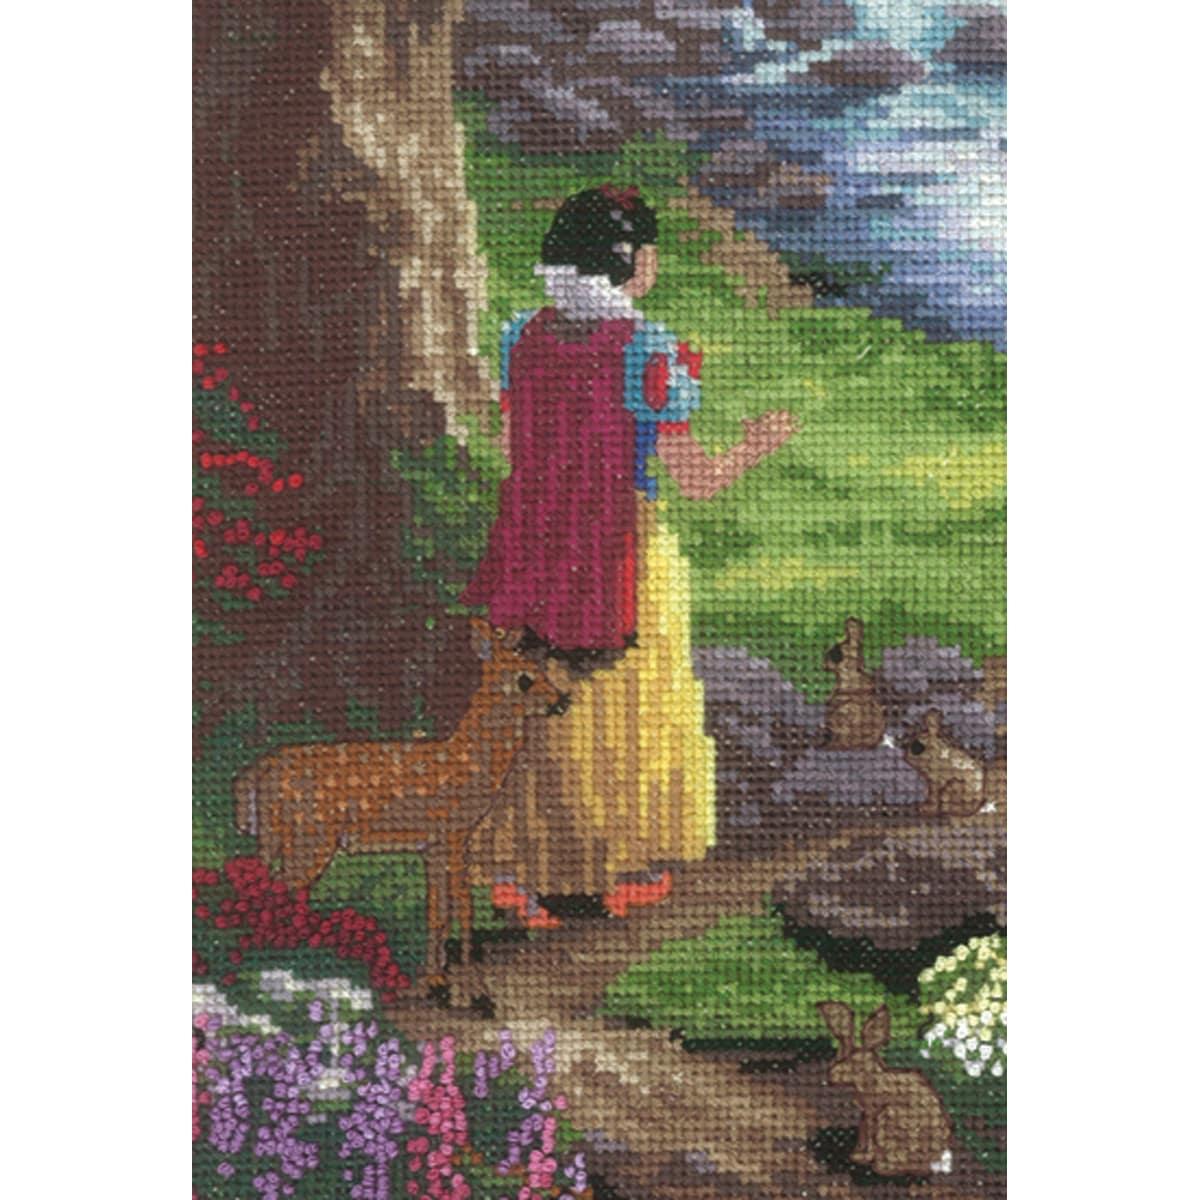 """Disney Dreams Collection By Thomas Kinkade Snow White-5""""X7"""" 18 Count"""